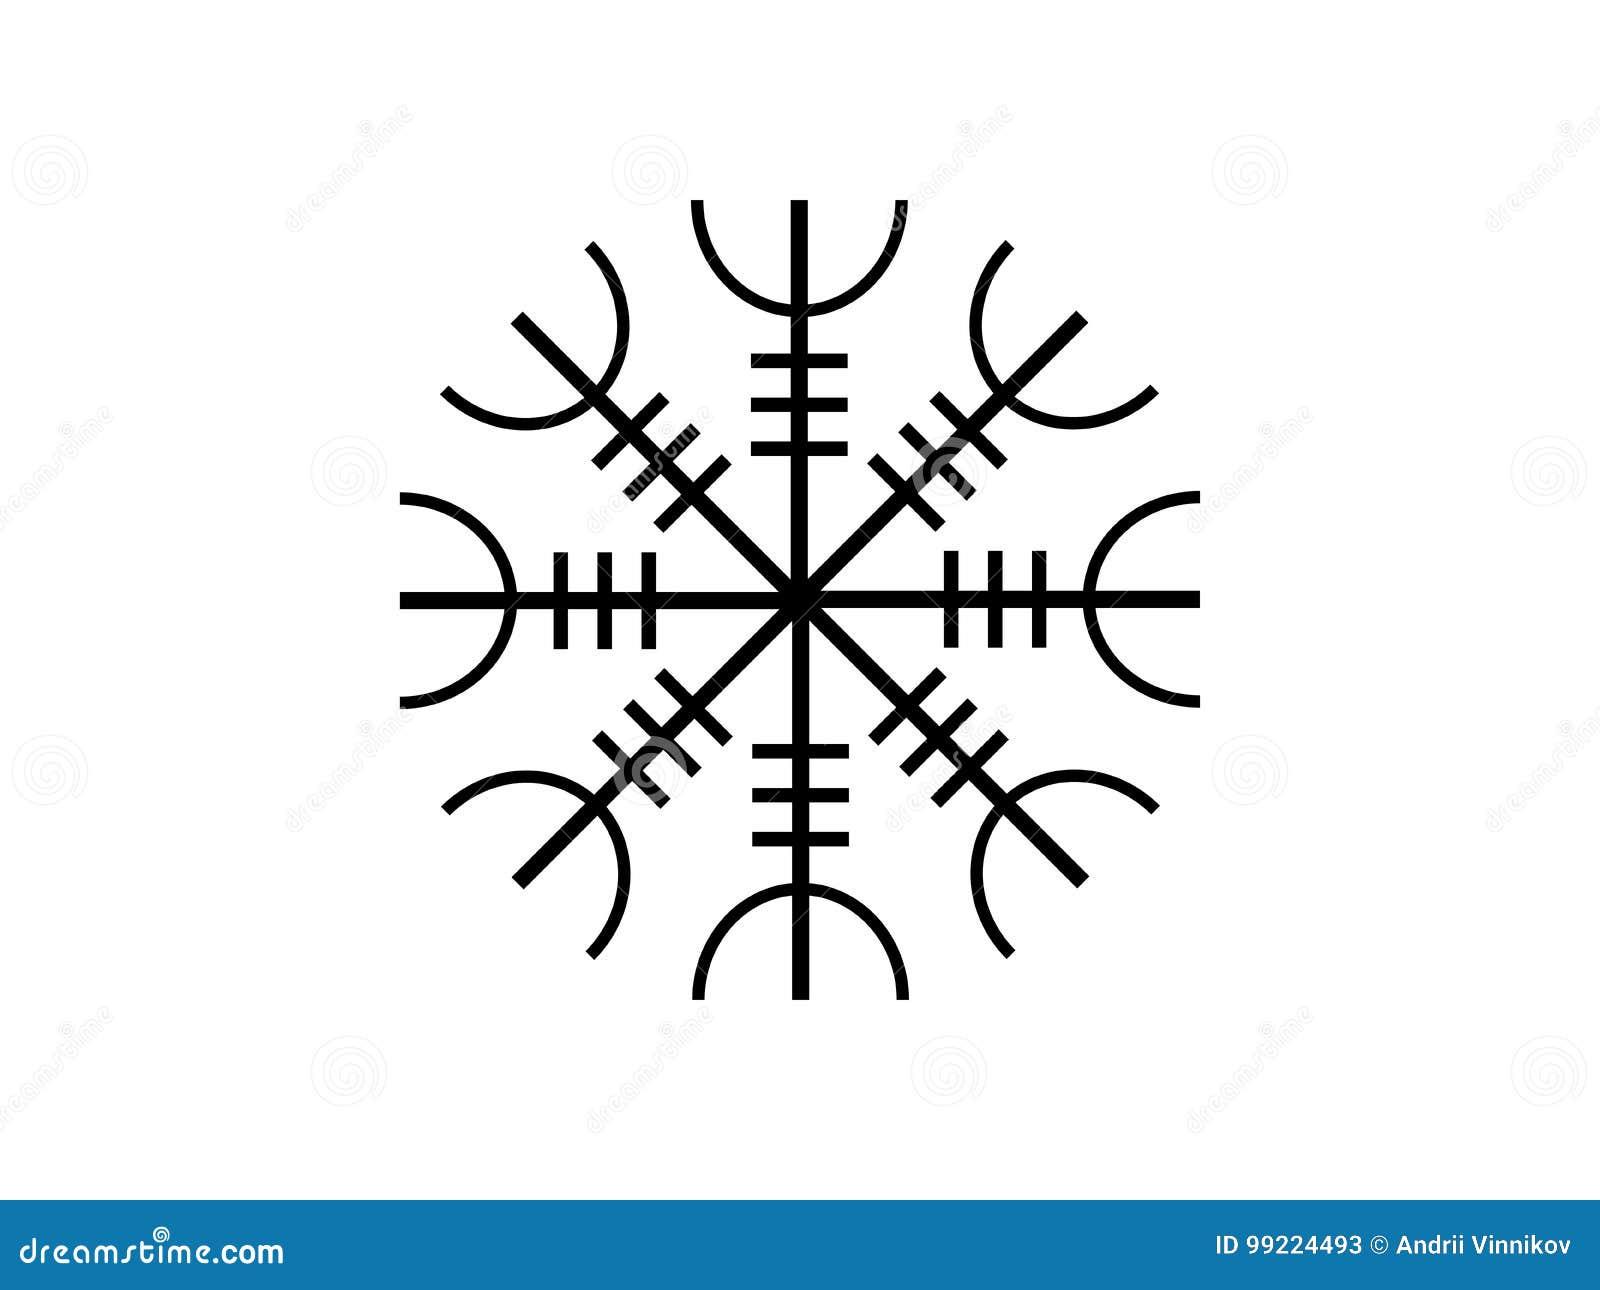 Galdrastafir Icelandic Symbol Intertwined Runes Vector Stock